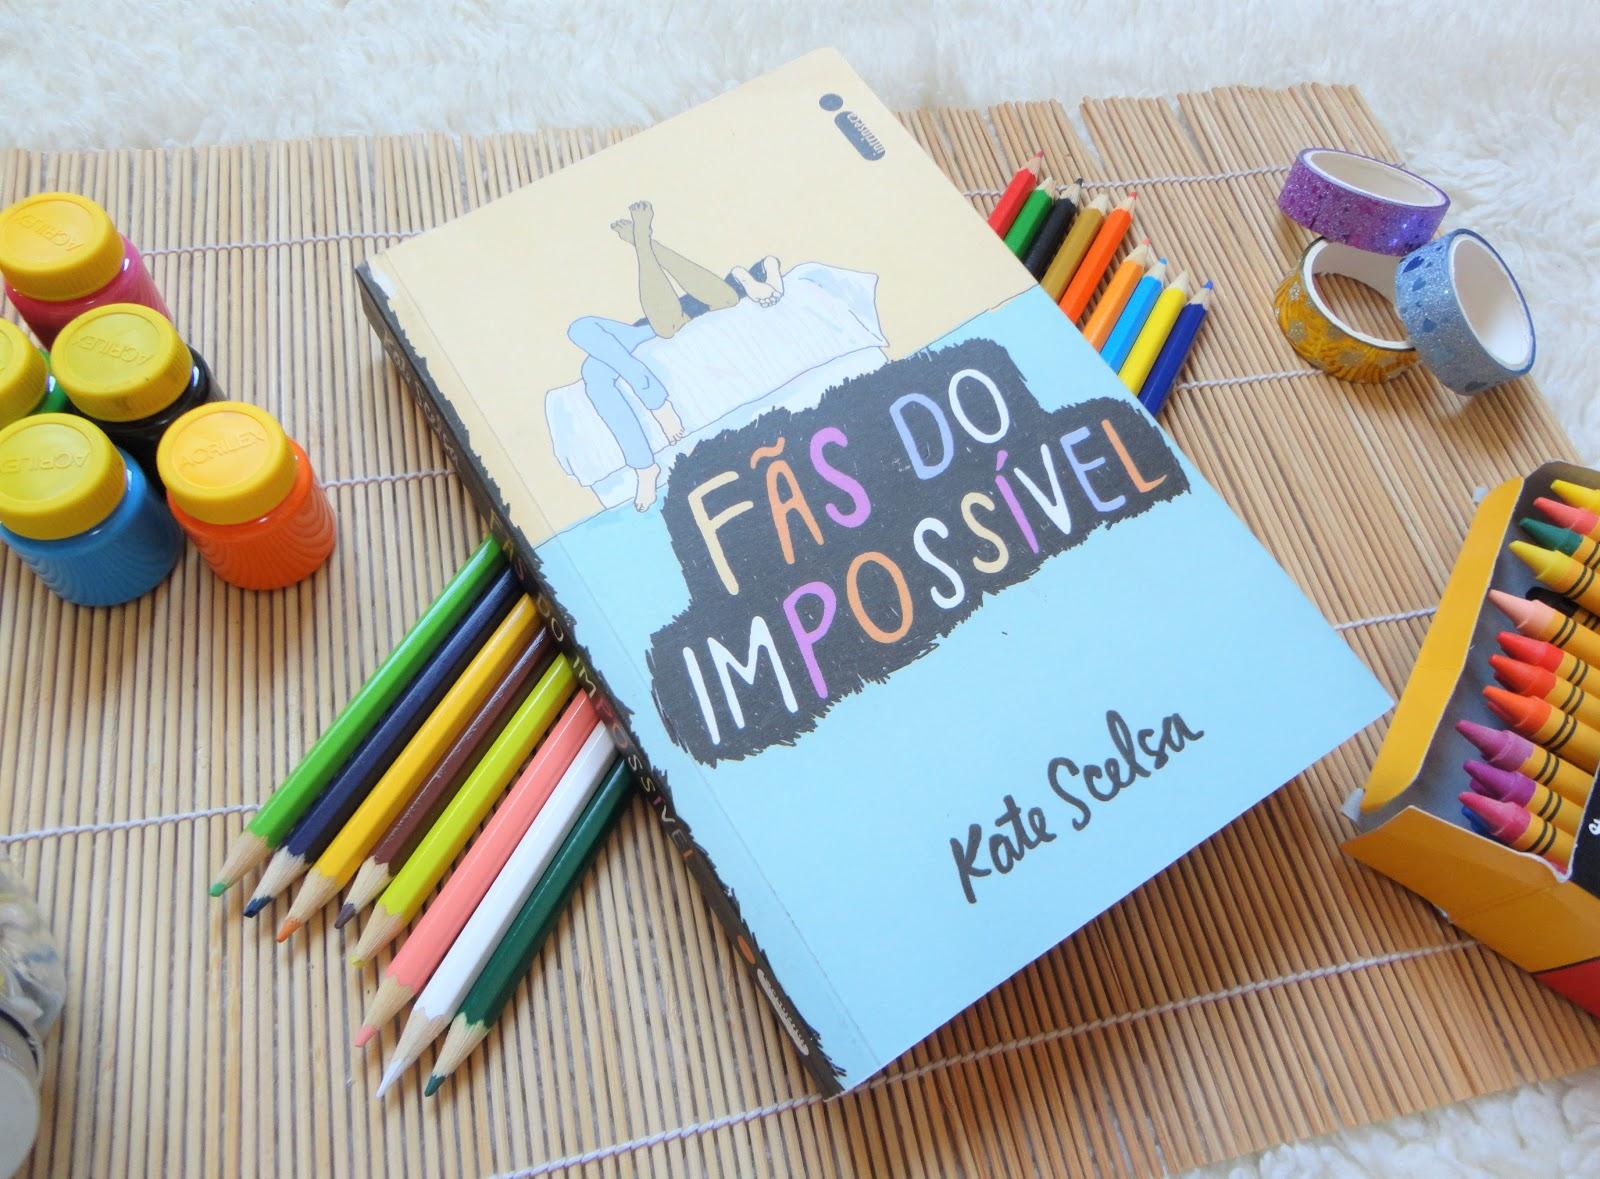 DICA DE LIVRO: FÃS DO IMPOSSÍVEL - KATE SCELSA